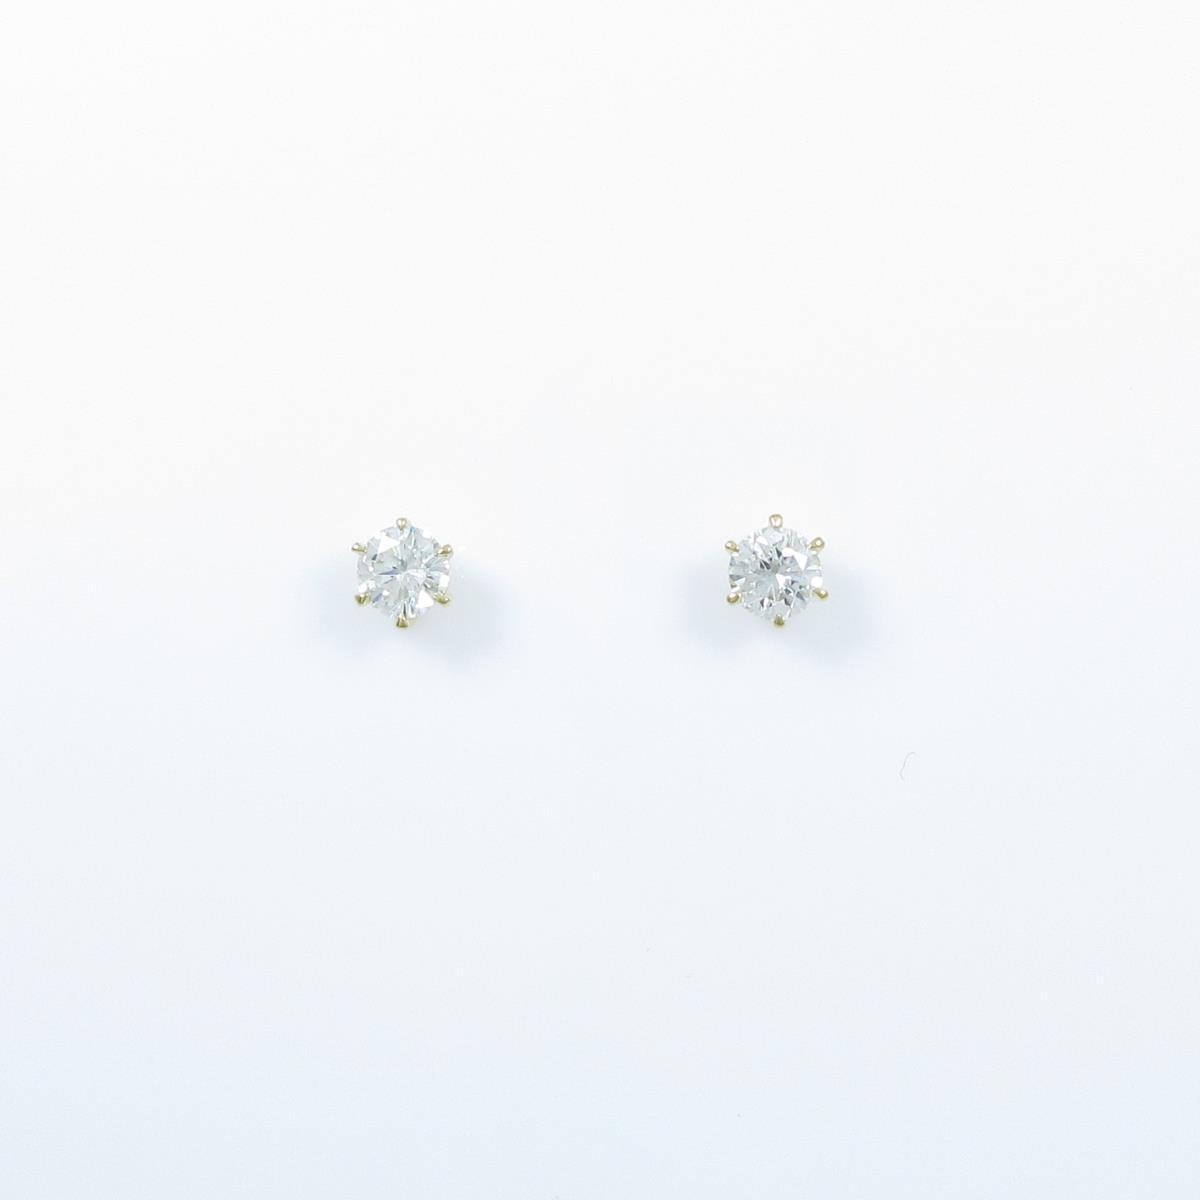 【リメイク】K18YG/ST ダイヤモンドピアス 0.219ct・0.222ct・I・VS1・VG-GOOD【中古】